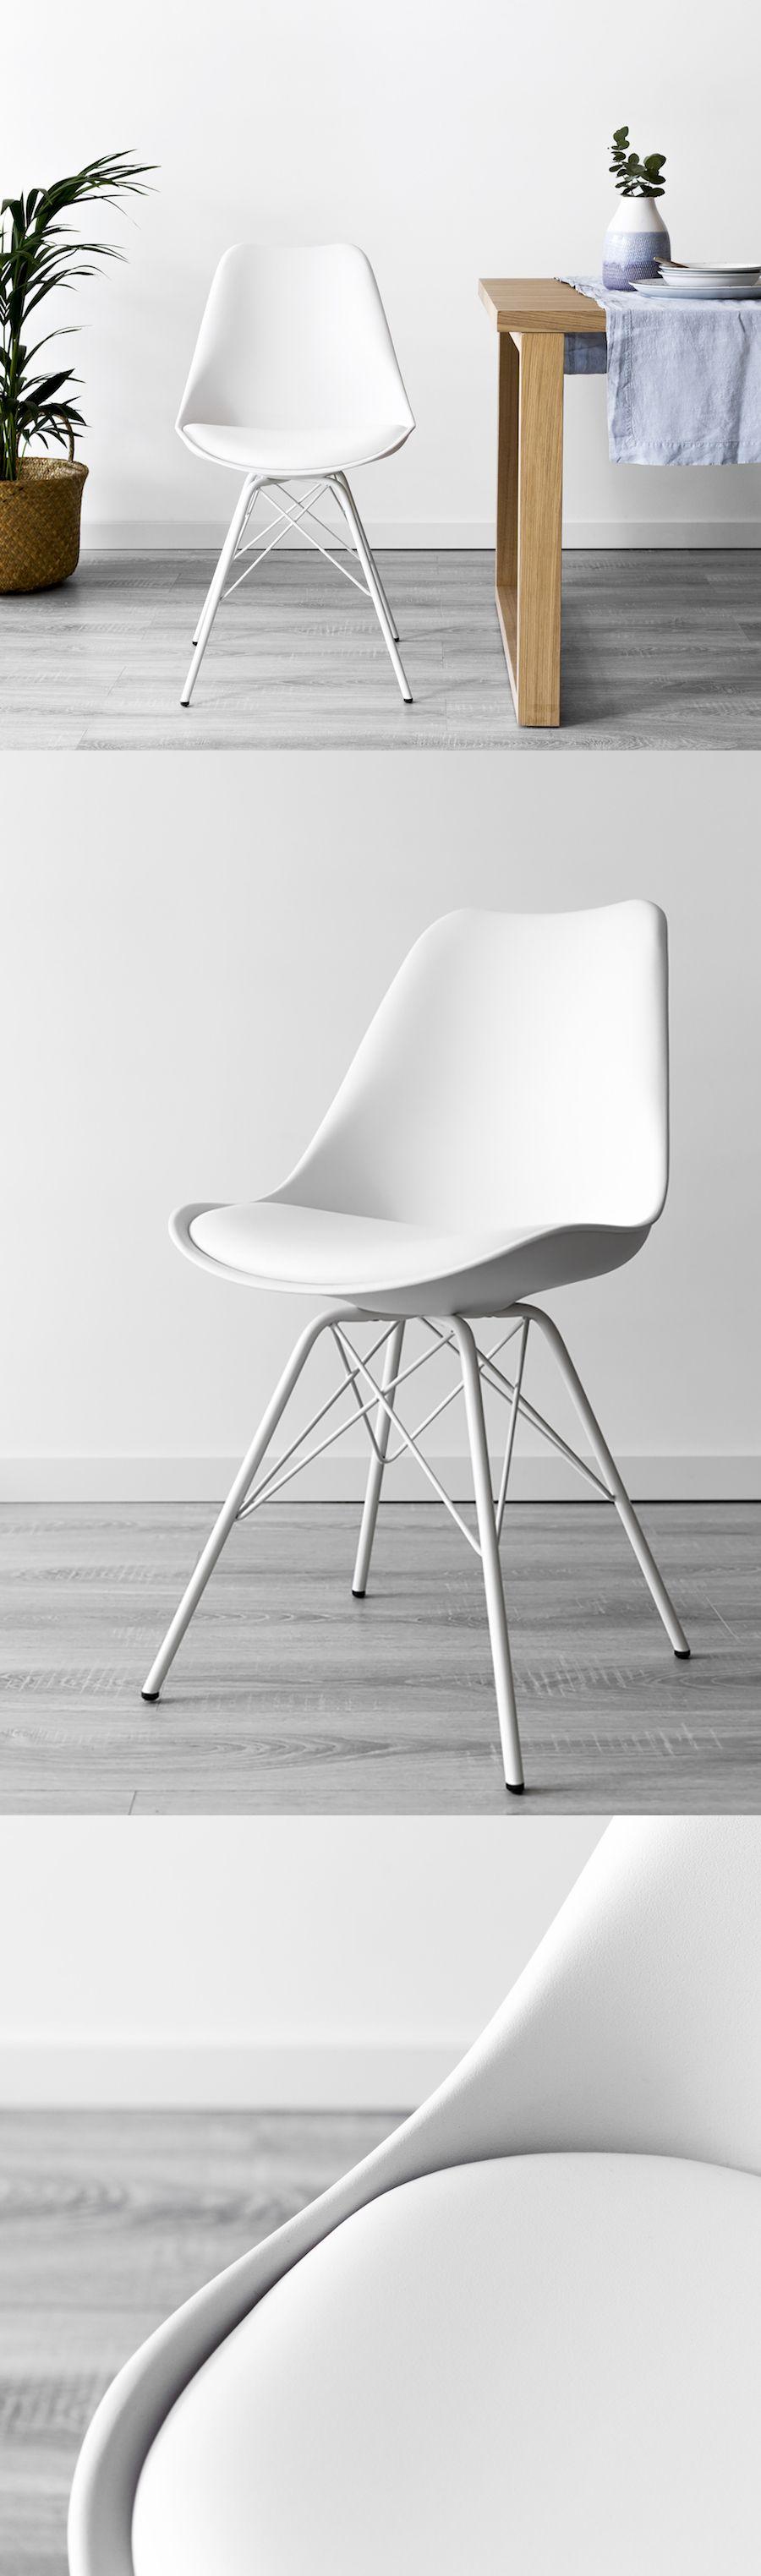 Rass silla blanca c/patas metal | Polipropileno, Piel sintética y ...